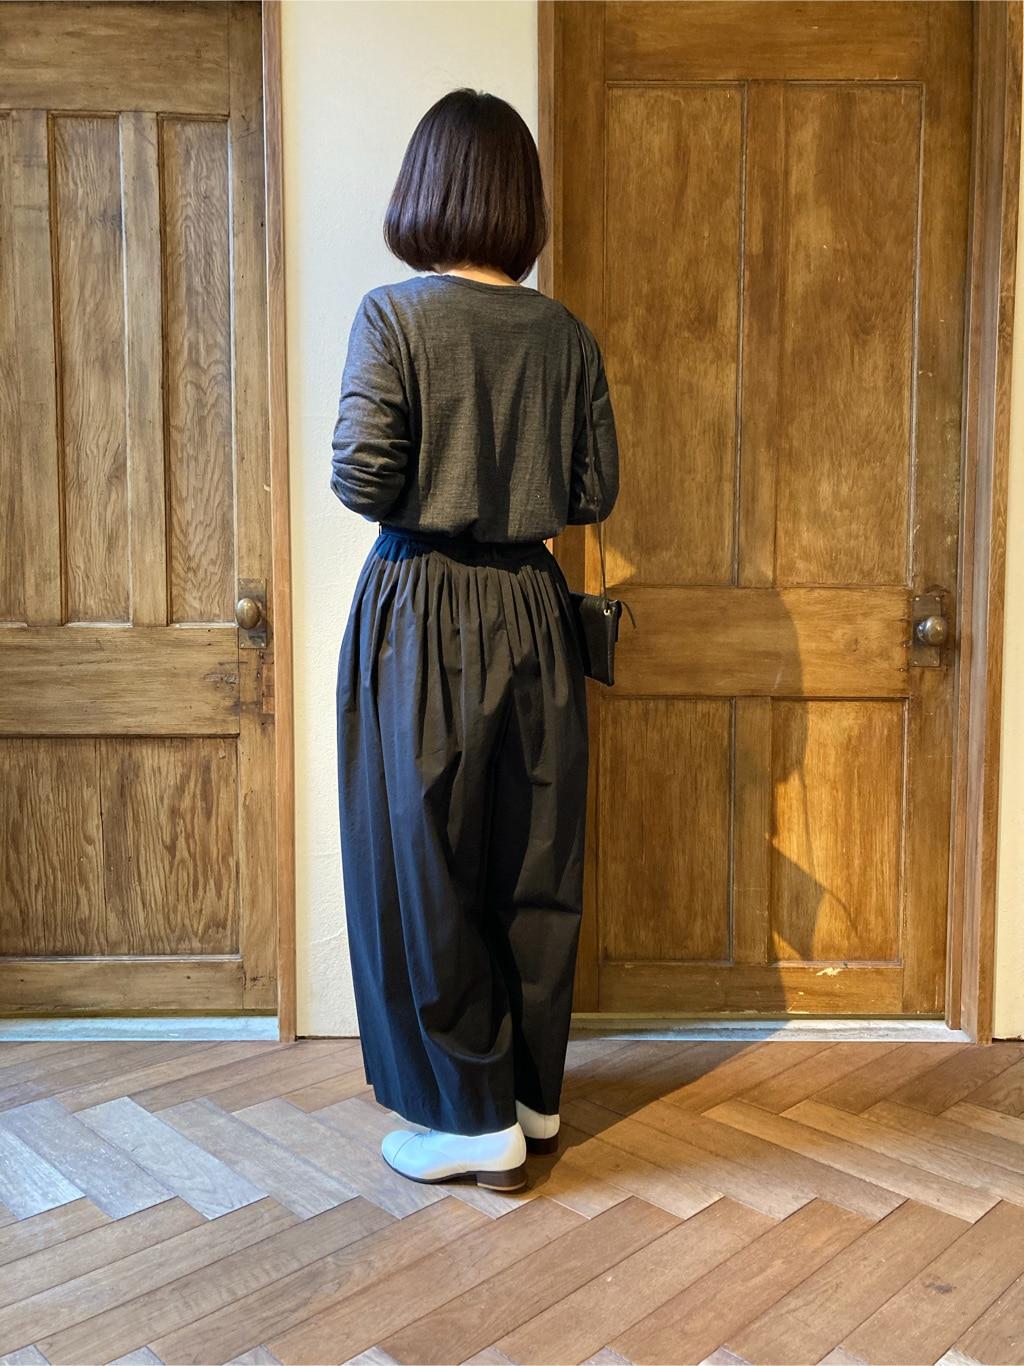 yuni 京都路面 身長:152cm 2021.01.15